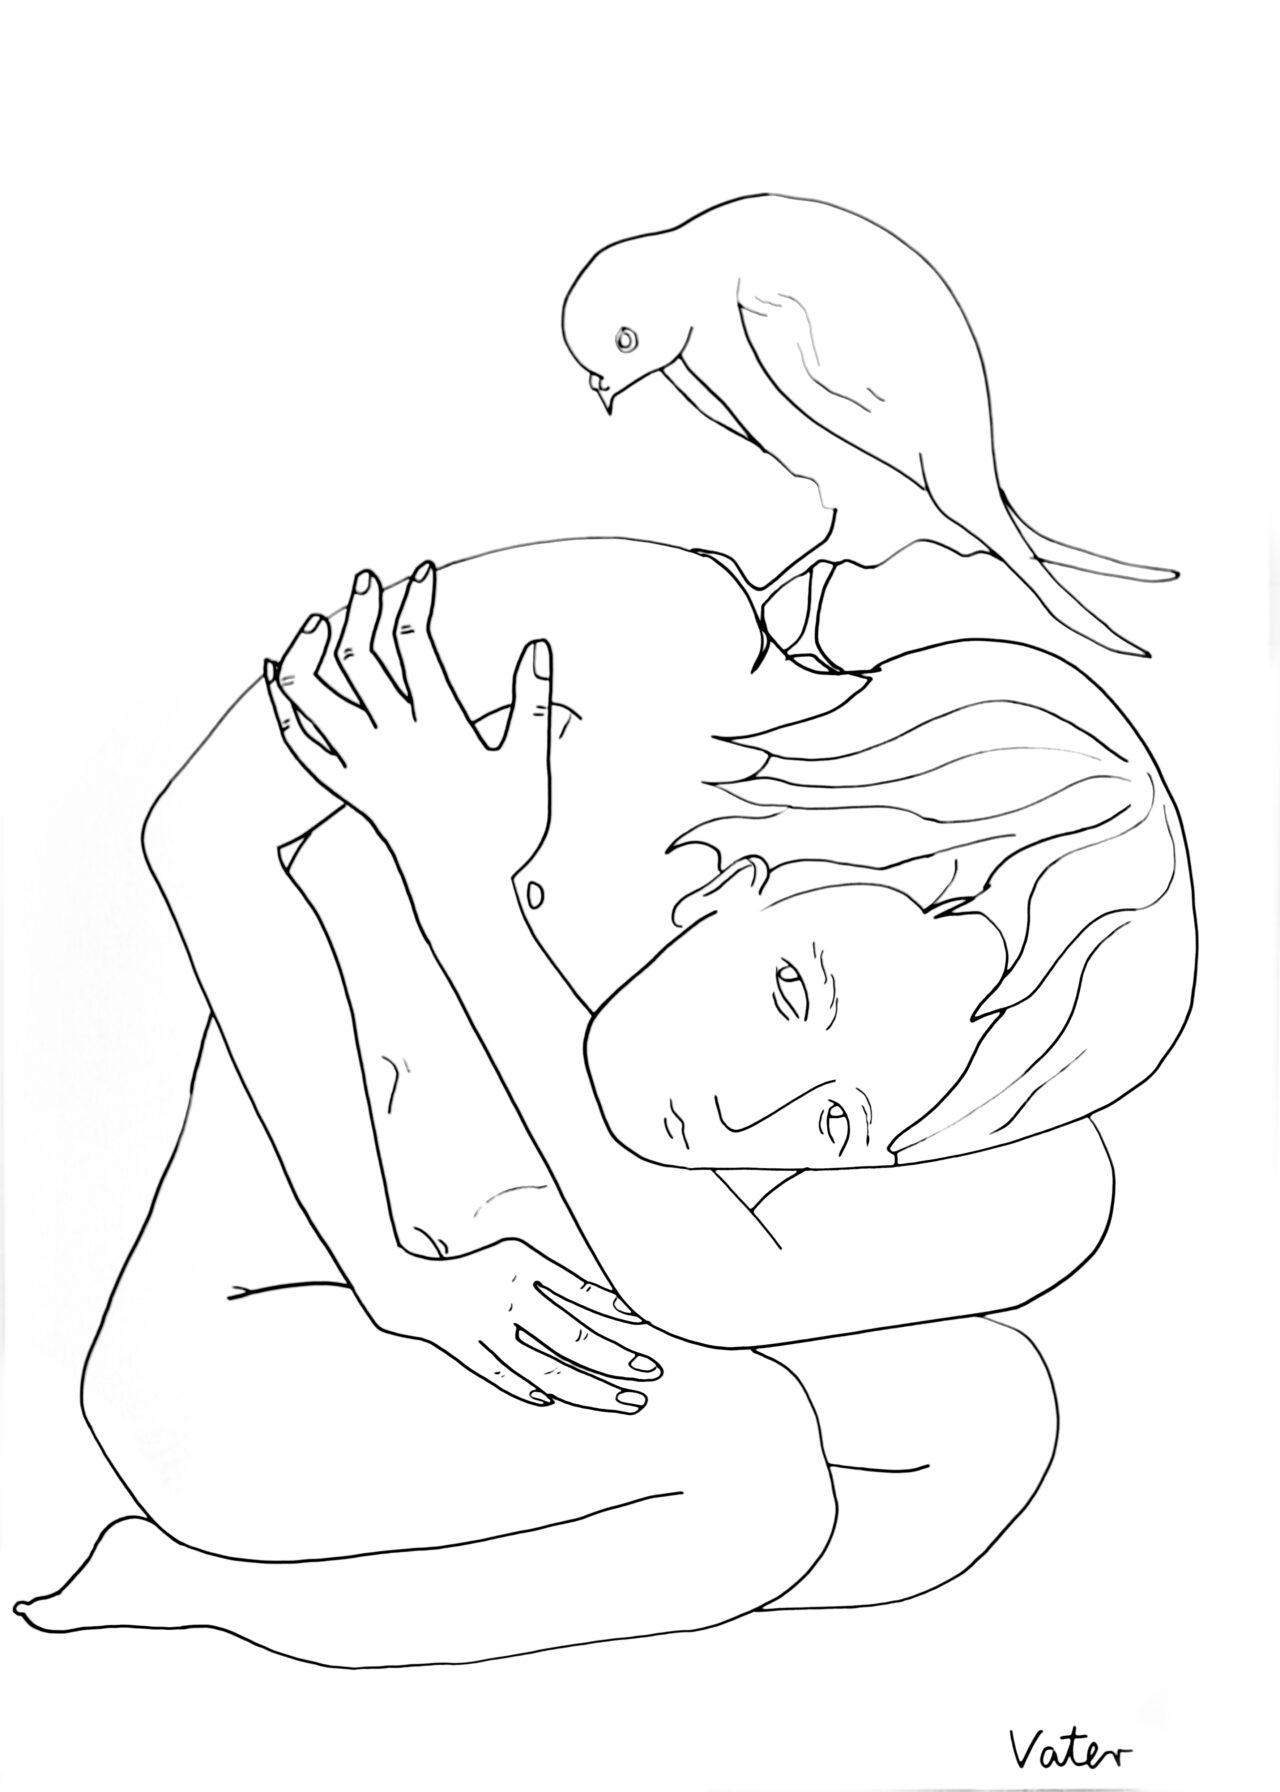 Markus Vater – bird on a shoulder